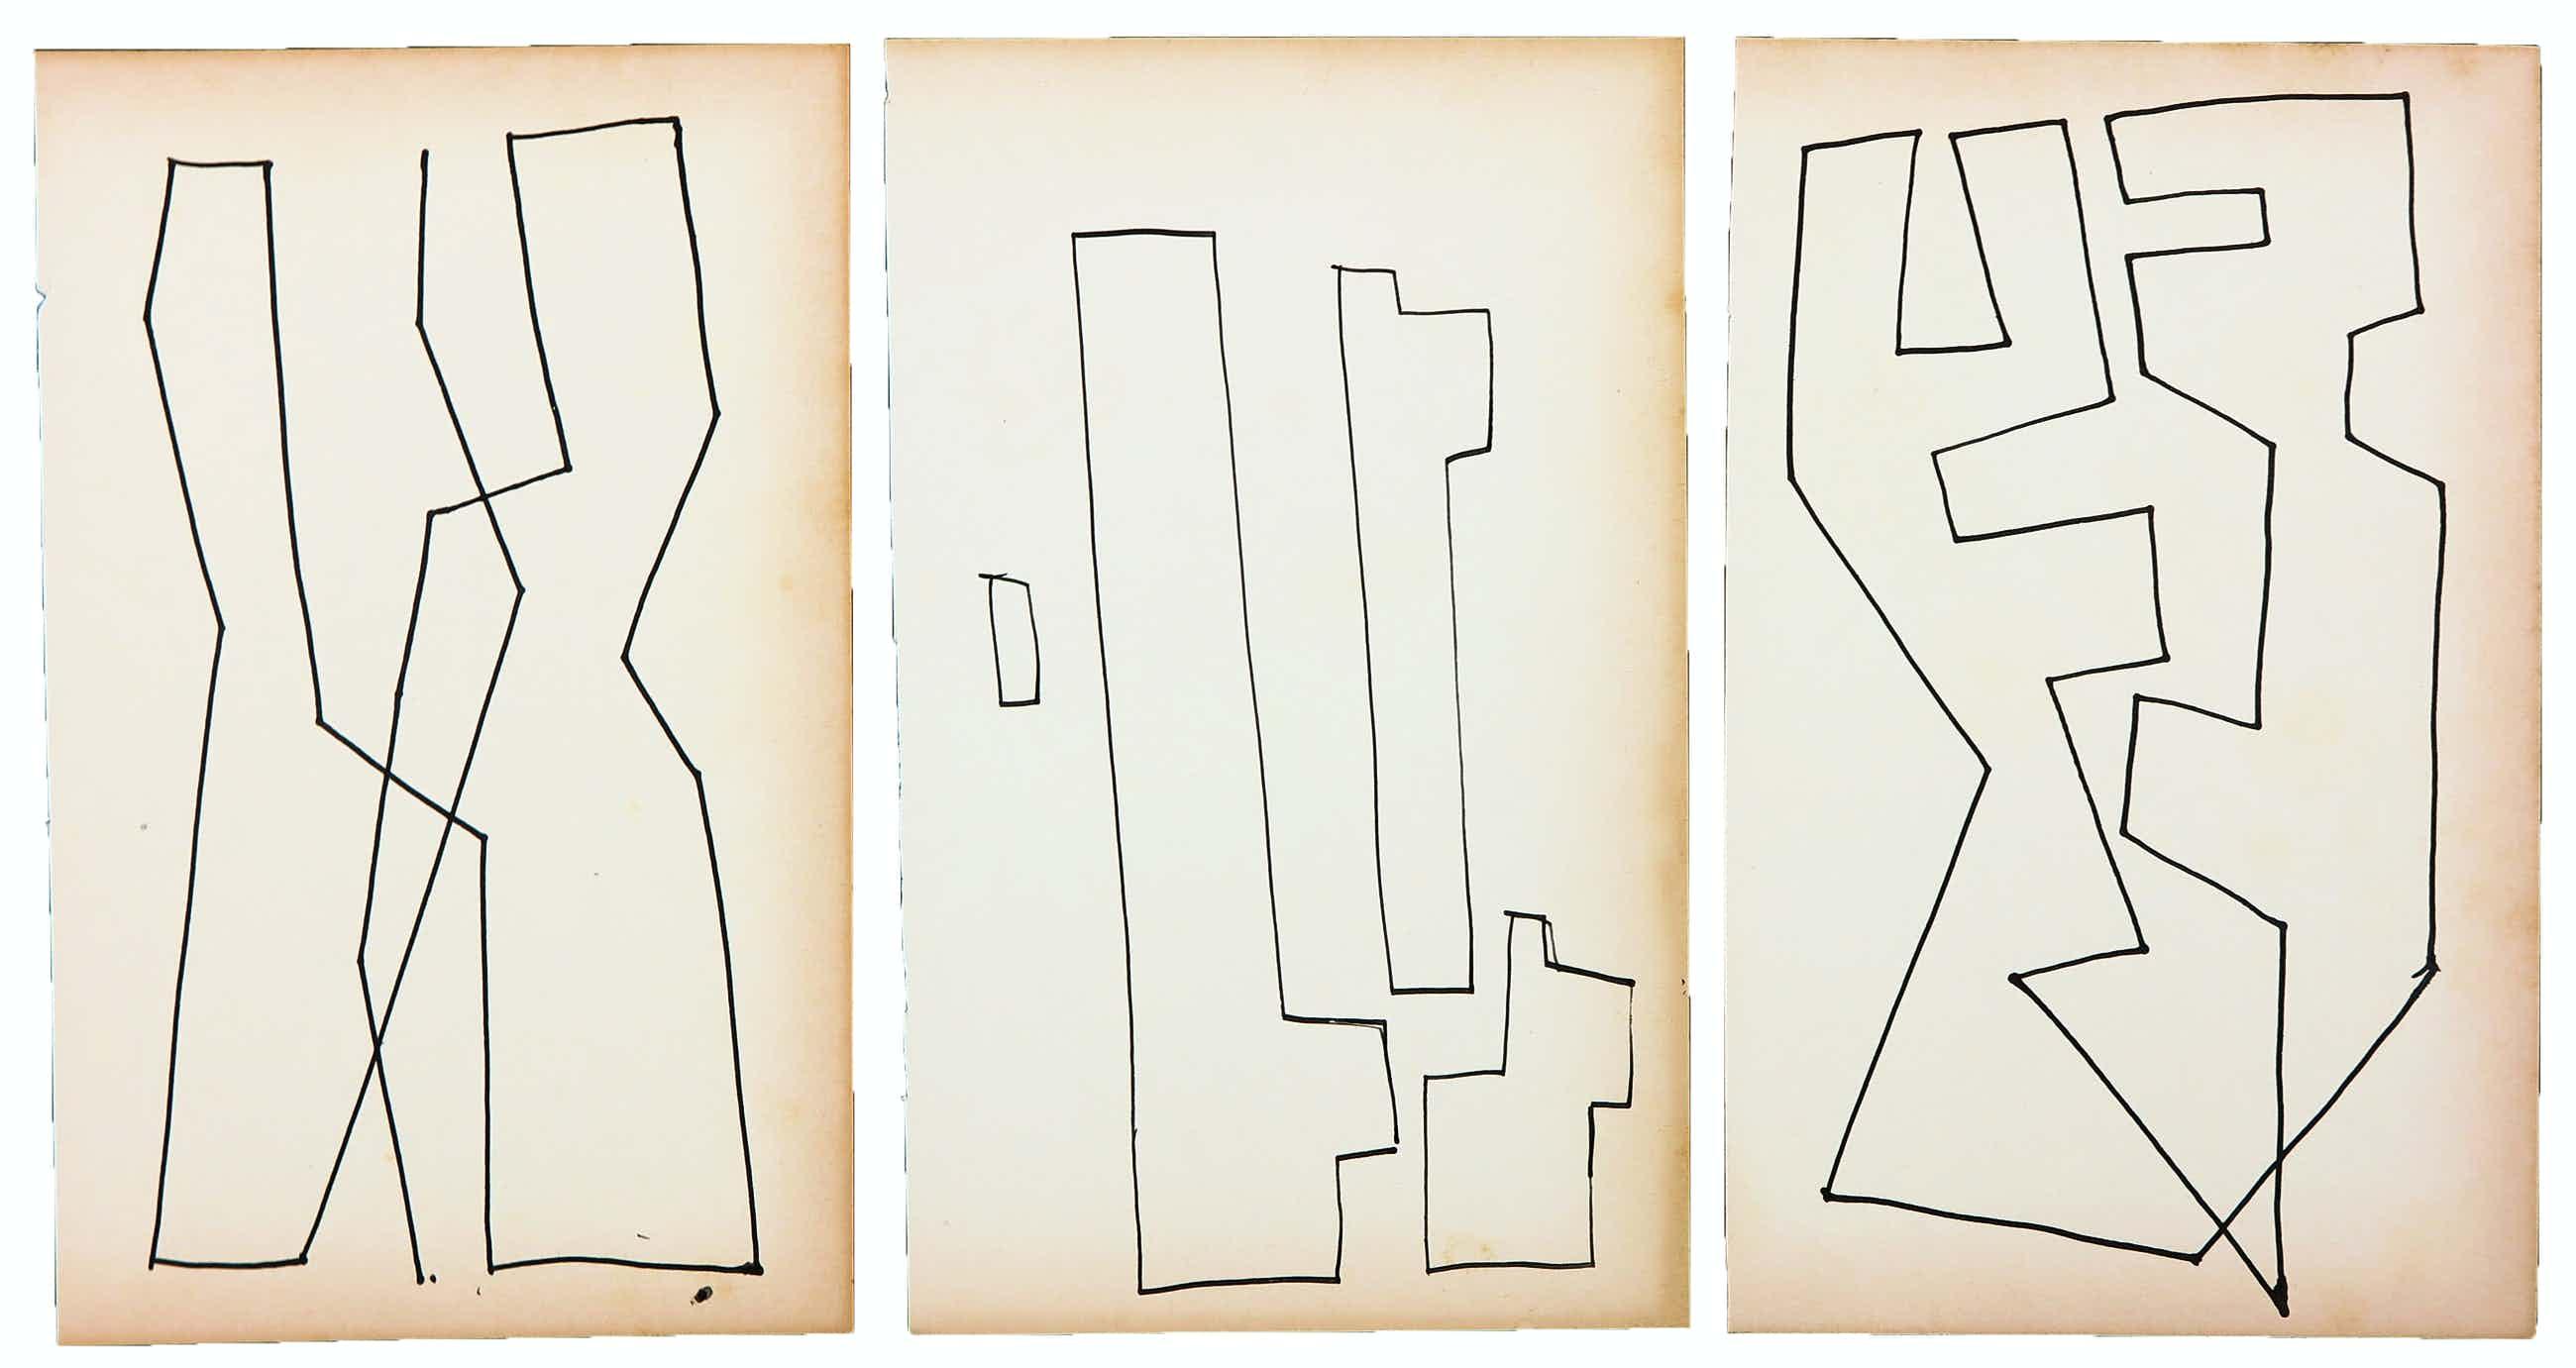 Siep van den Berg - Lot van drie abstracte composities kopen? Bied vanaf 40!